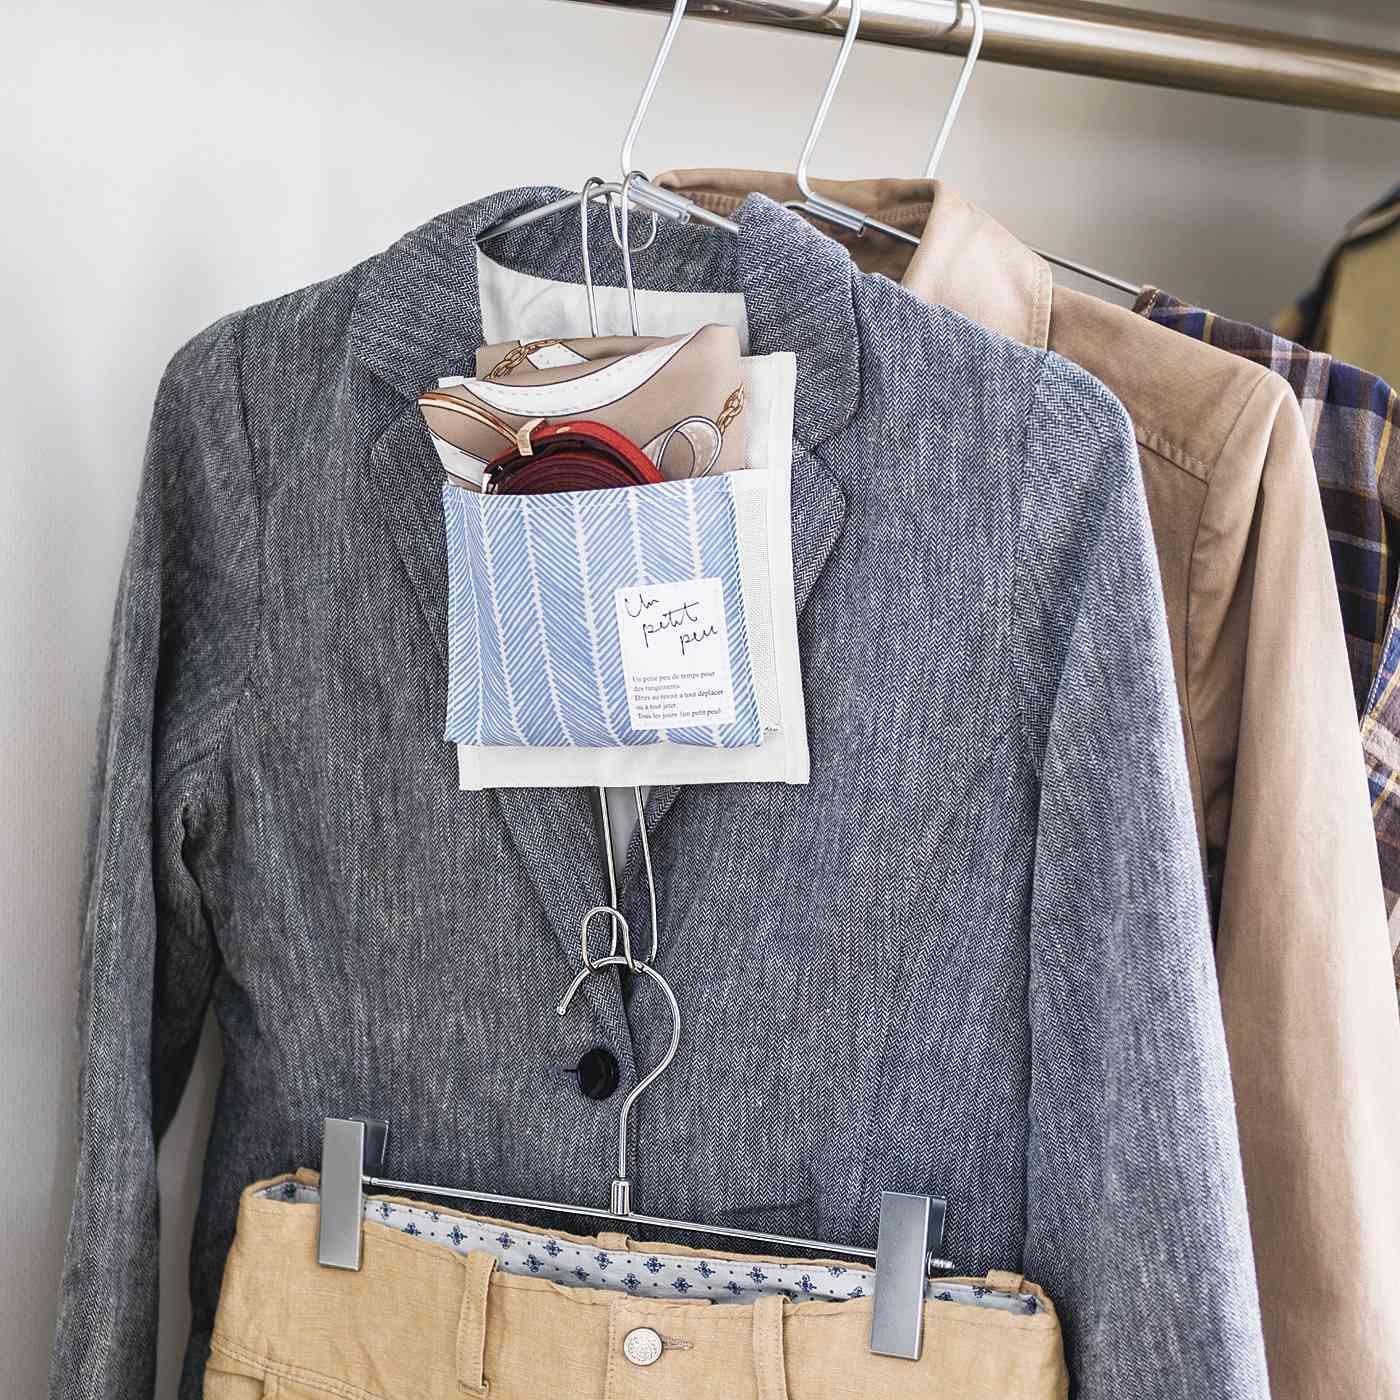 トップスとボトムスのハンガーを連結。まち付きポケットに、合わせるファッション小物を収納すれば、スタイリングもらくらく。